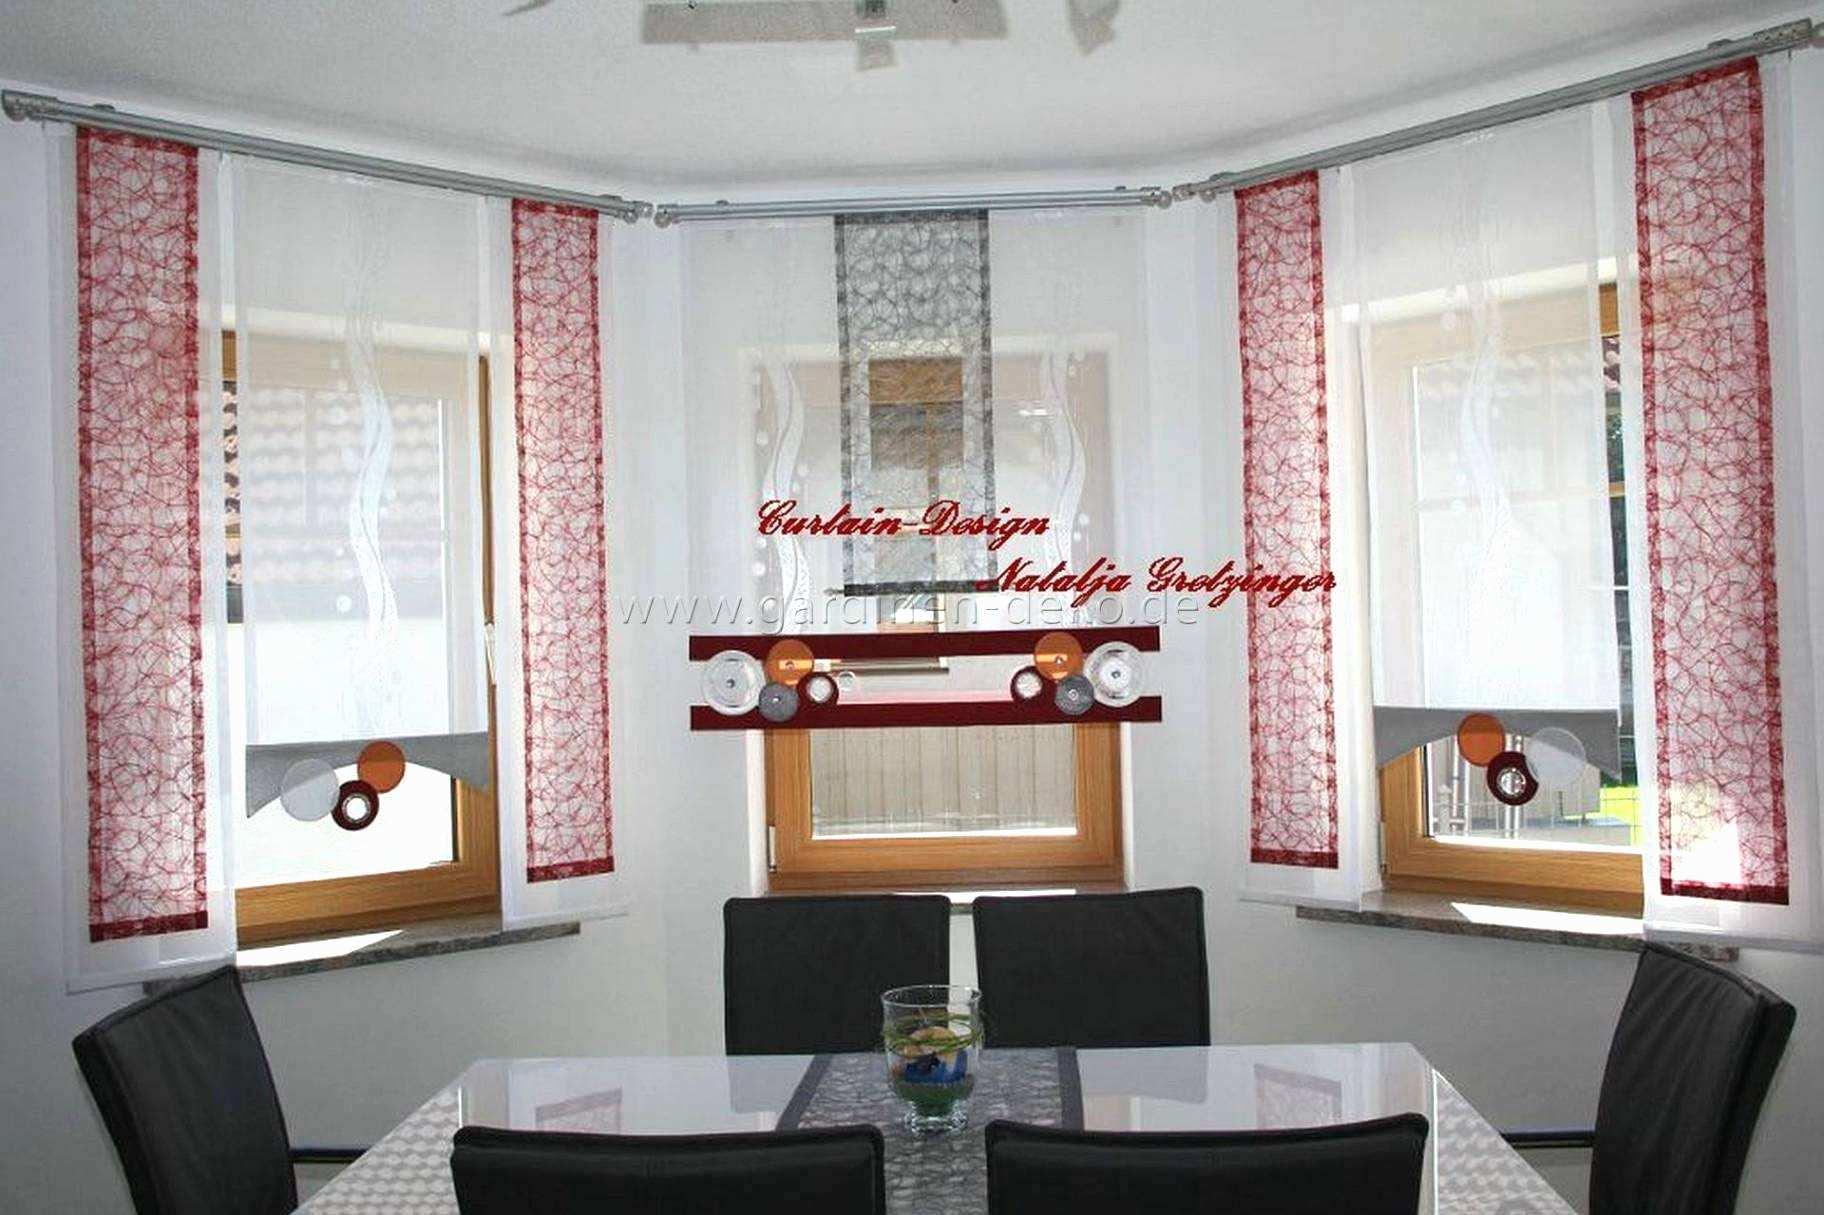 Full Size of Gardinen Dekorationsvorschläge Wohnzimmer Modern Dekorationsvorschlge Einzigartig Schne Bad Scheibengardinen Küche Teppiche Schrank Stehlampen Deckenleuchten Wohnzimmer Gardinen Dekorationsvorschläge Wohnzimmer Modern